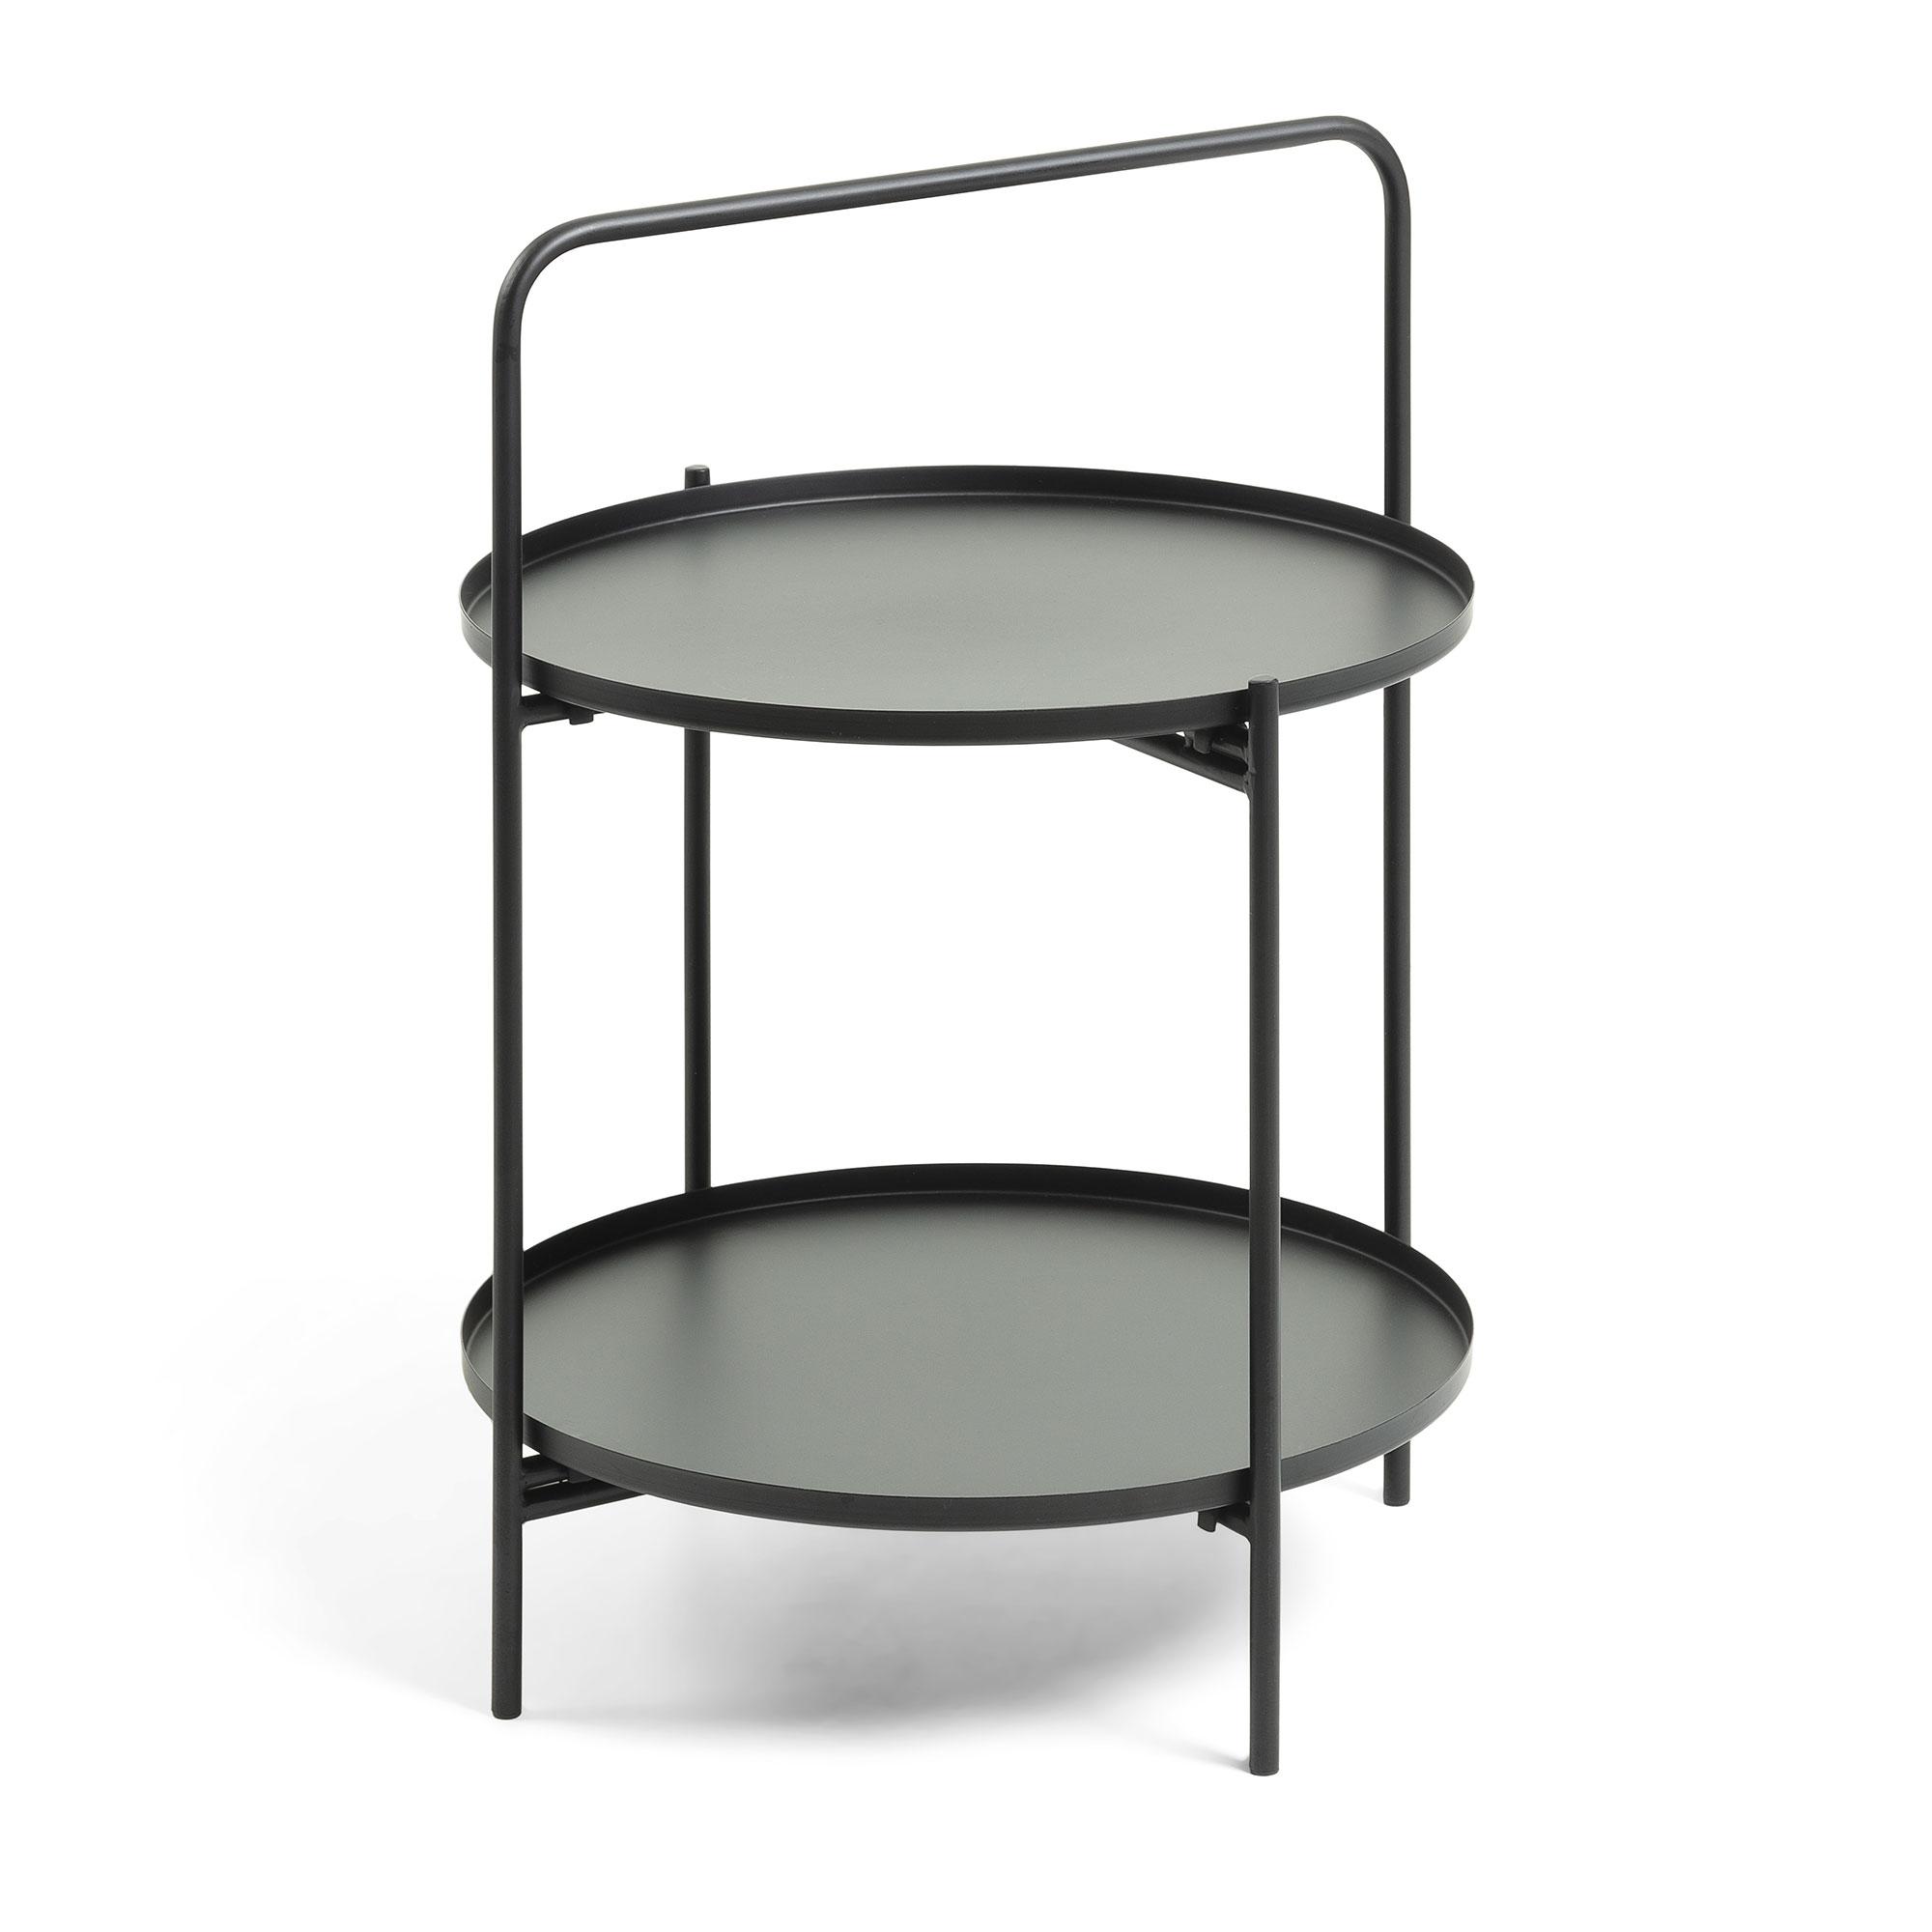 Laforma ulla bakkebord - sort metal, rund (ø48) fra laforma på boboonline.dk